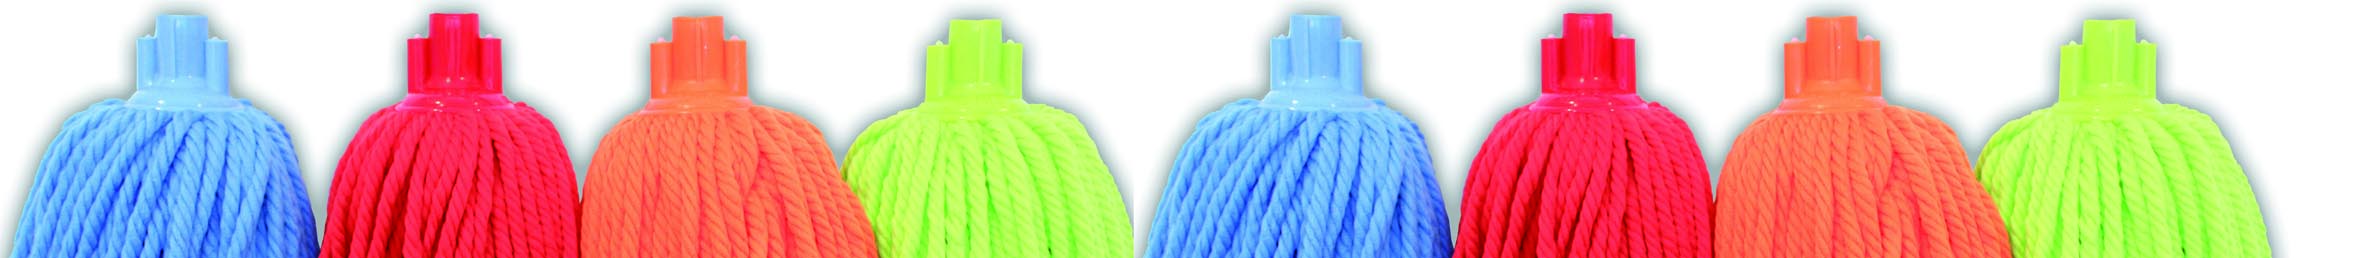 Fregonas especiales de hilos de colores